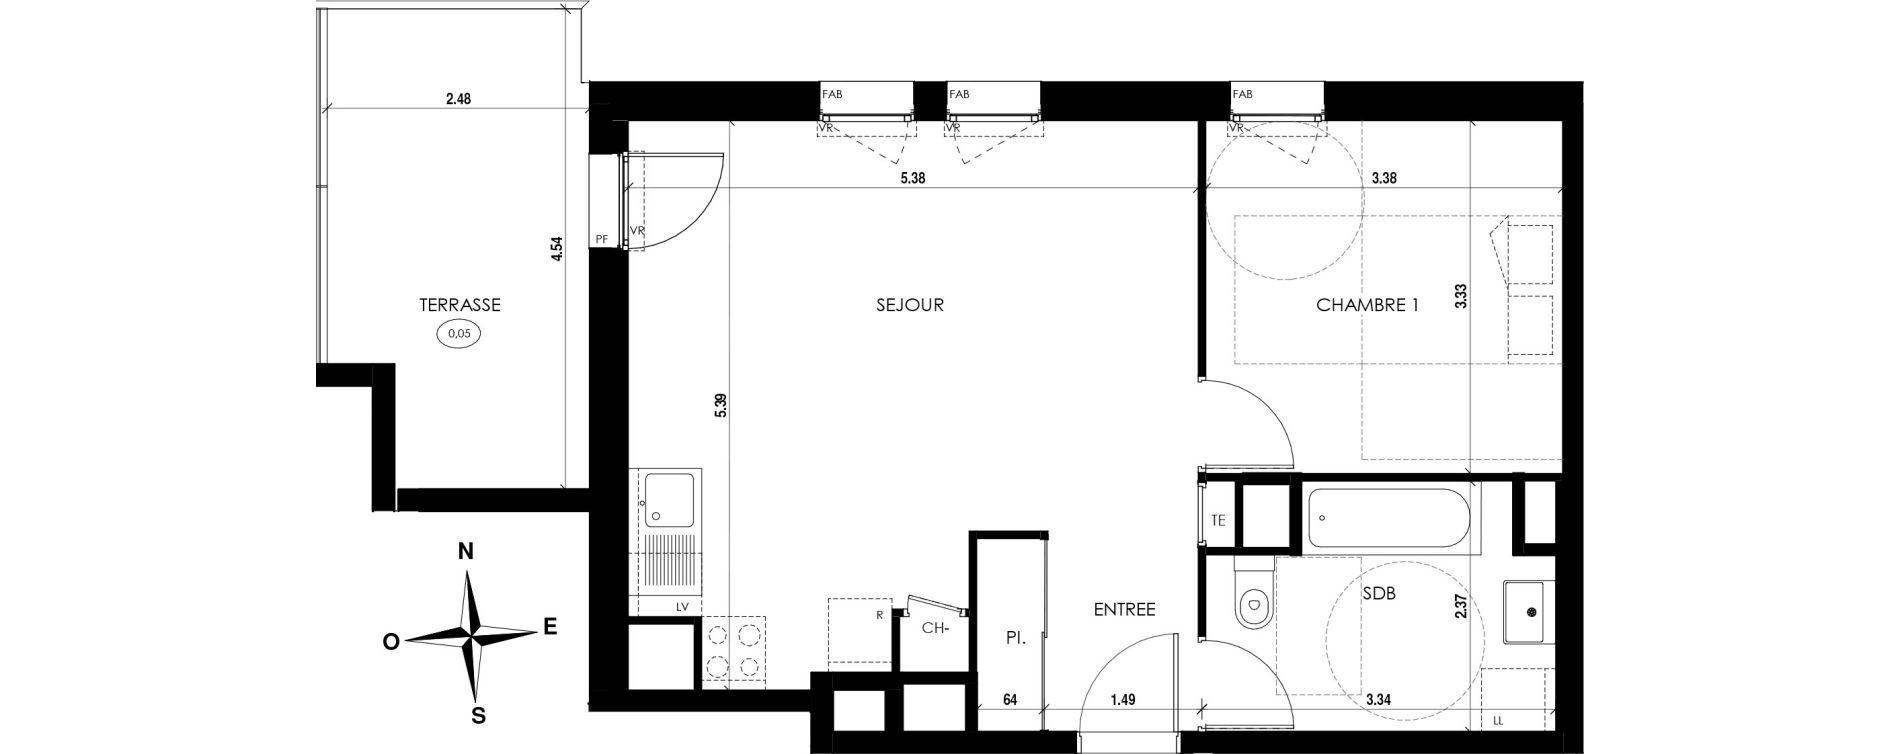 Appartement T2 de 46,71 m2 à Vienne Centre